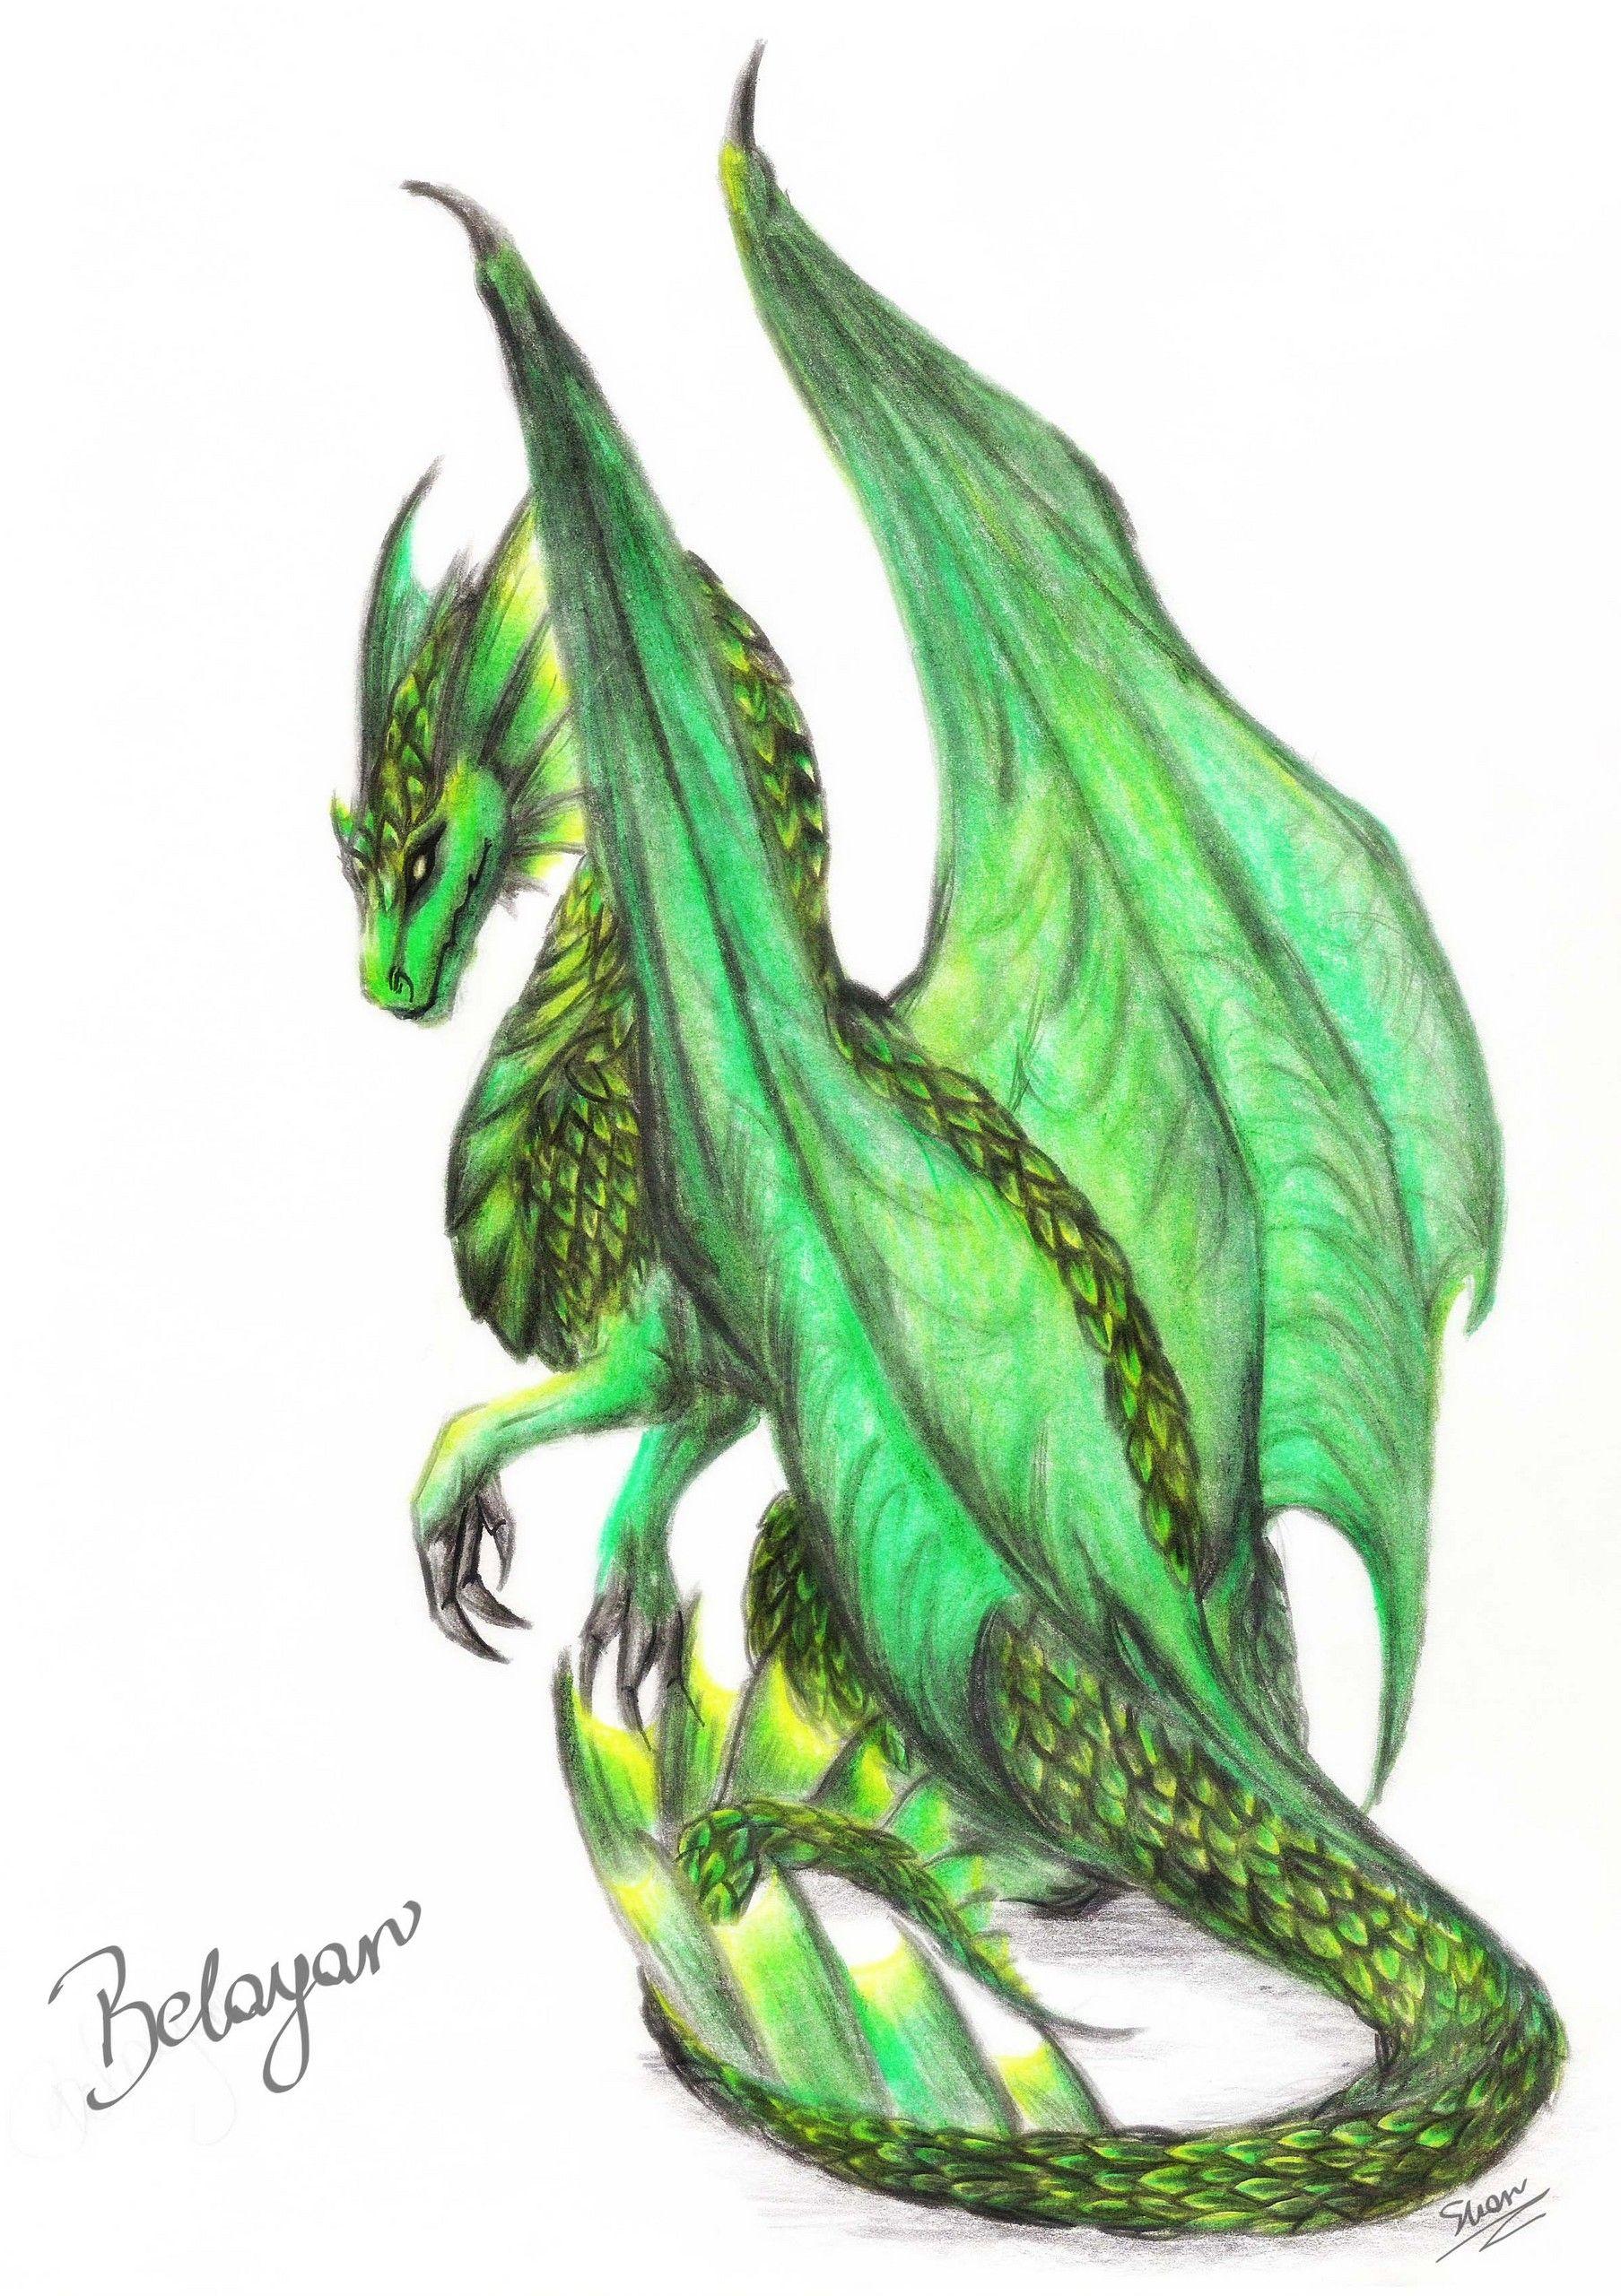 dragons | beautiful green dragon - Dragons Photo (31477502) - Fanpop ...